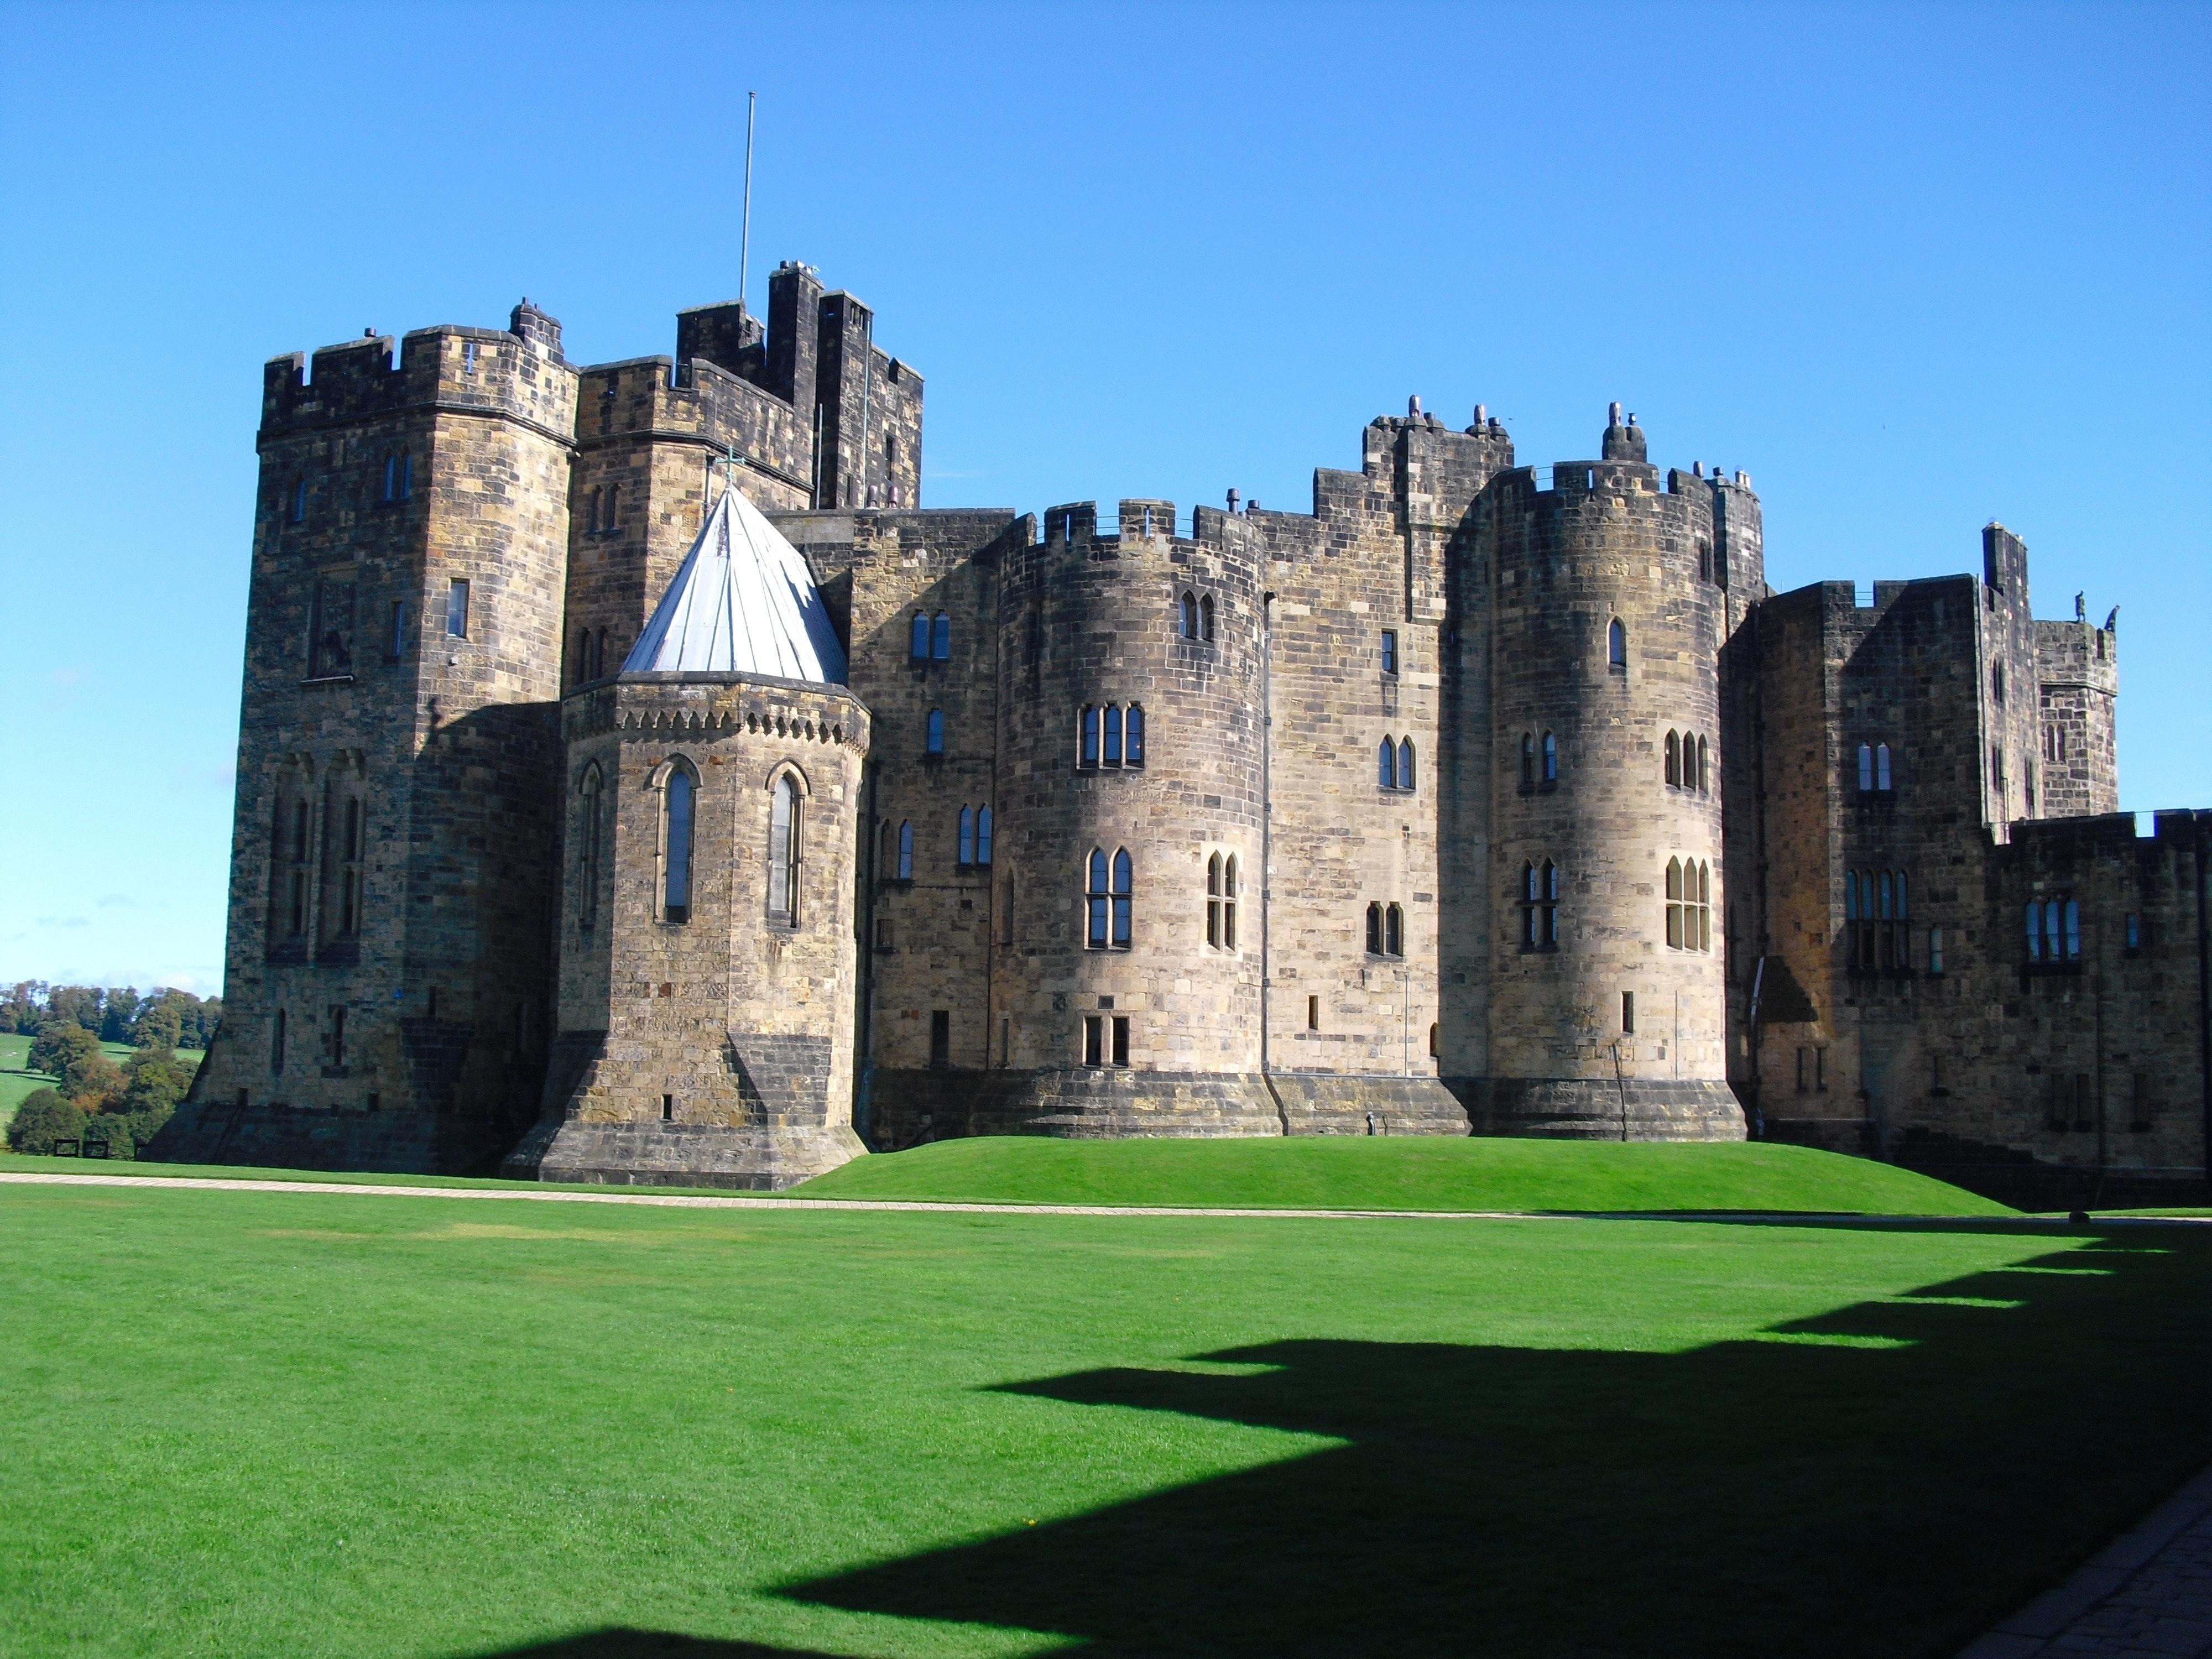 alnwick-castle-architecture-castle-68683